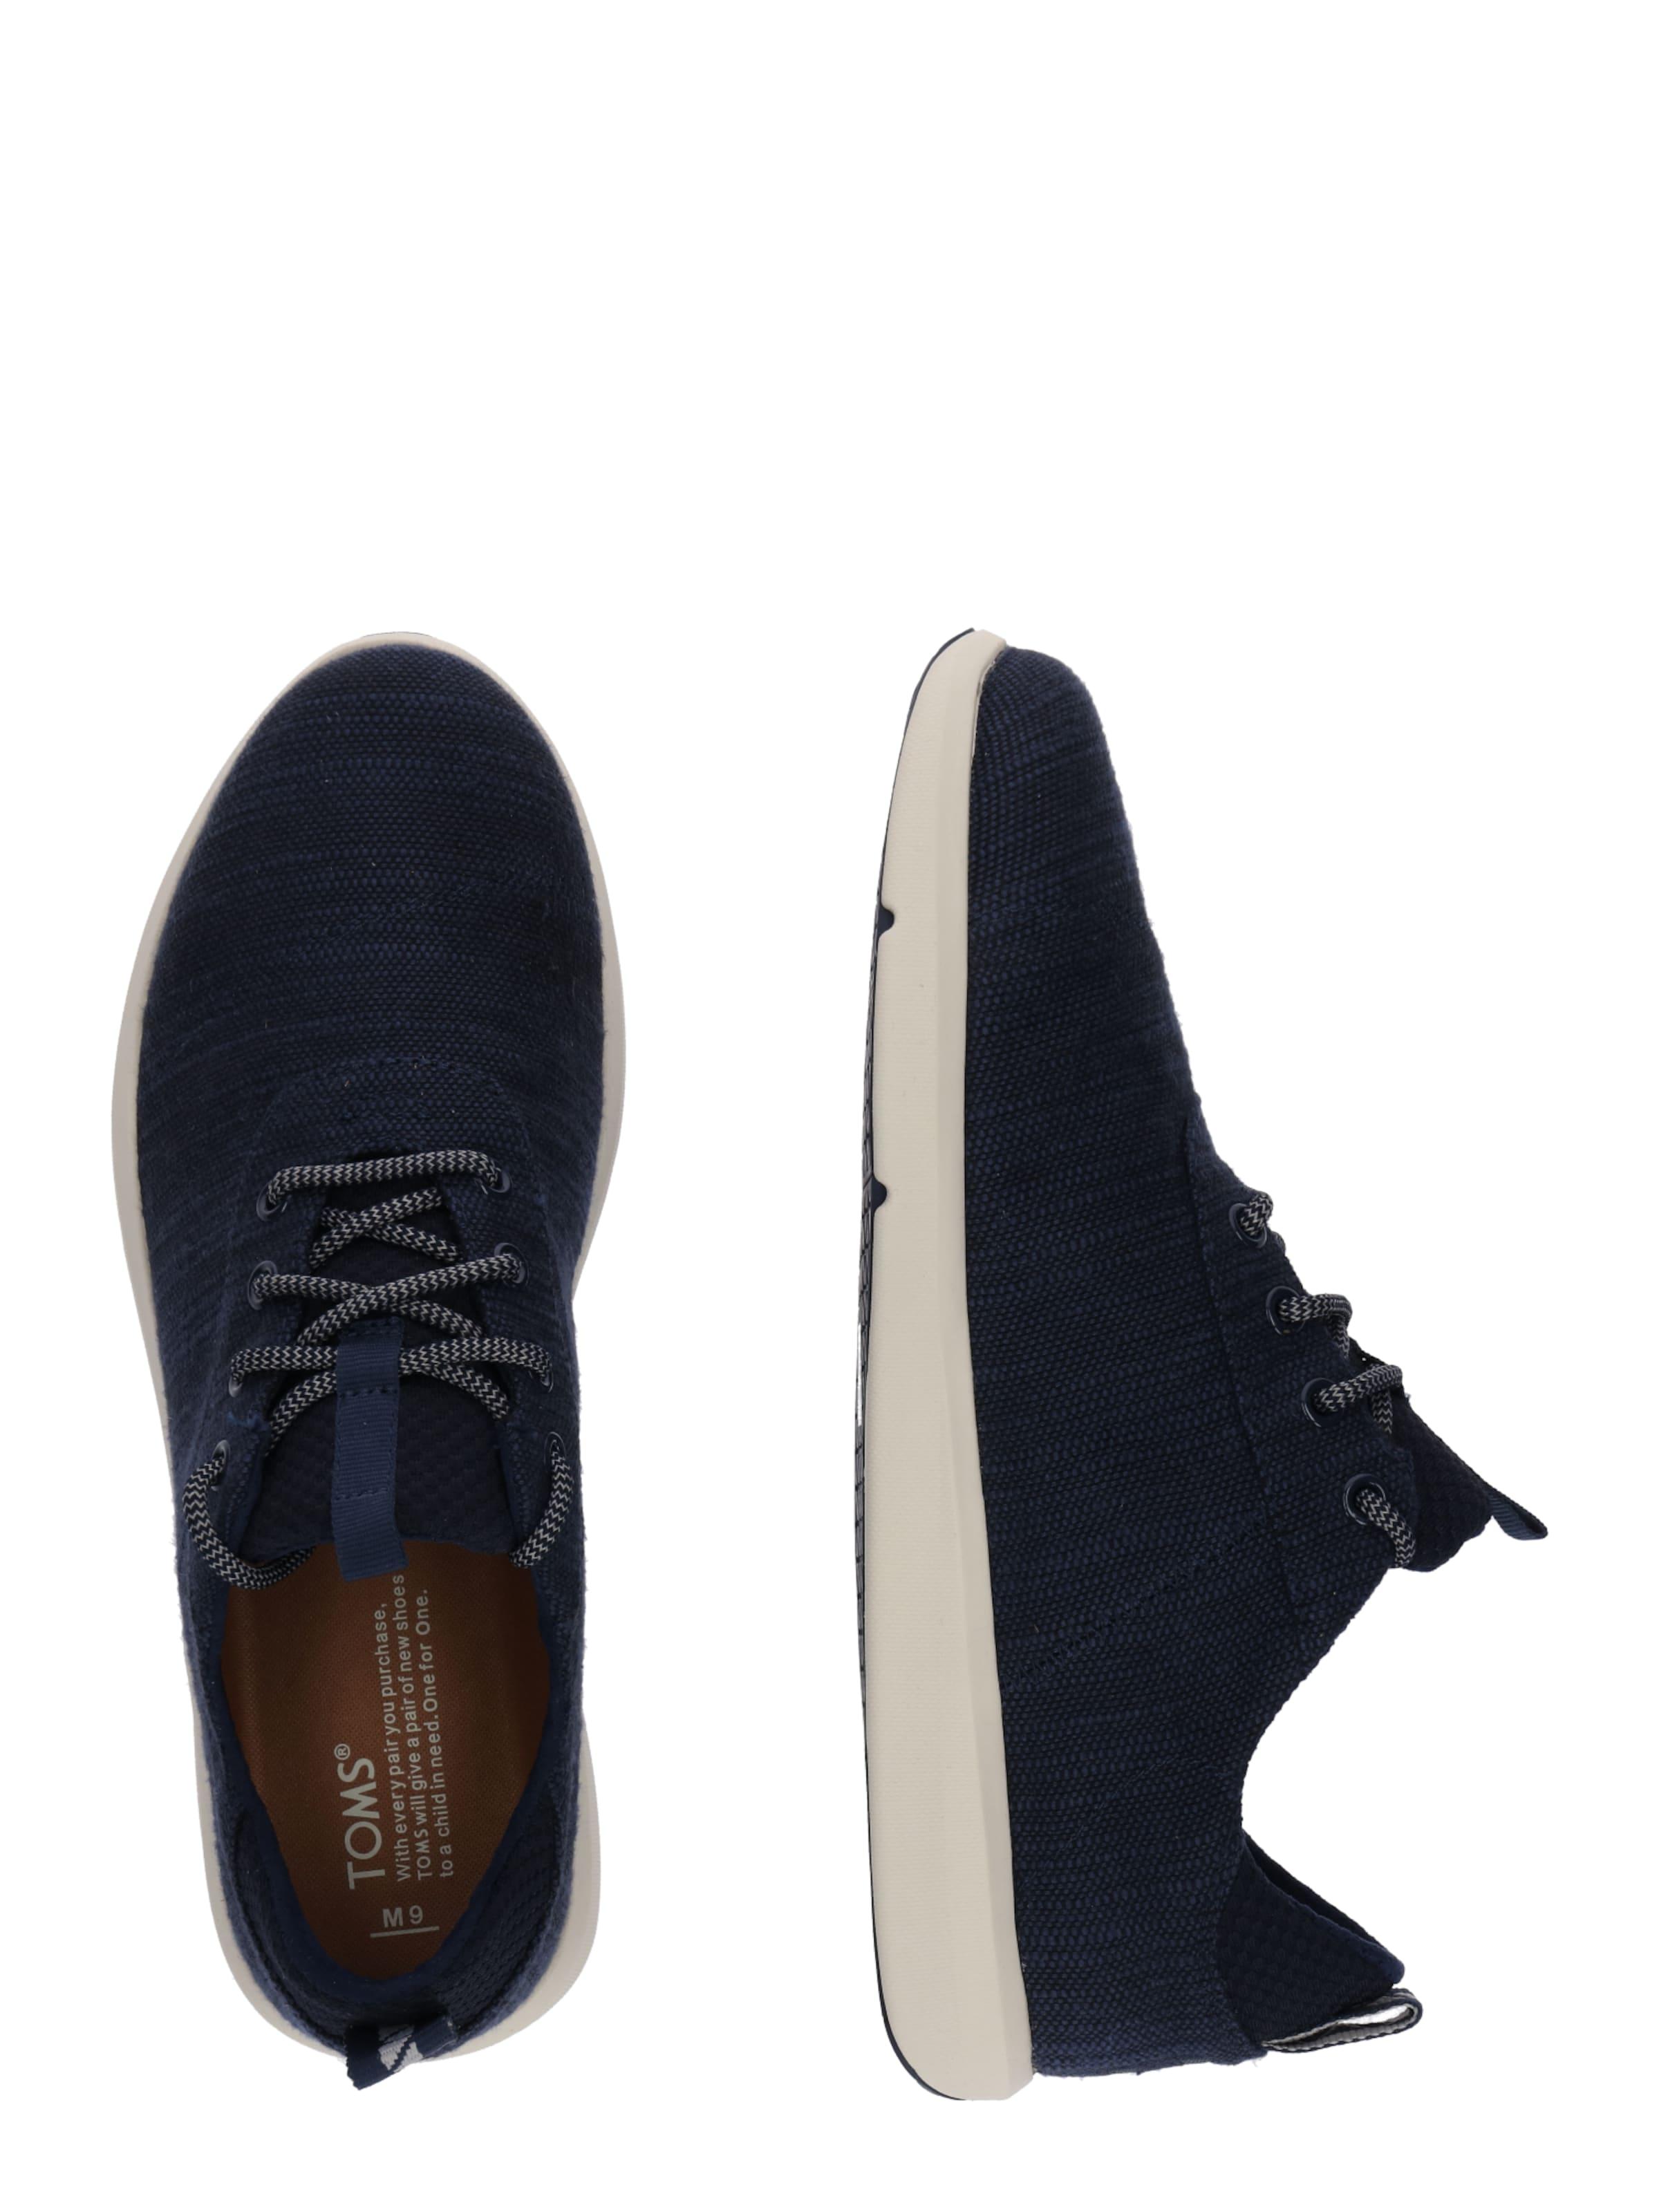 Toms Sneaker Sneaker 'cabrillo' 'cabrillo' Toms In NavyOffwhite MUSzVpq